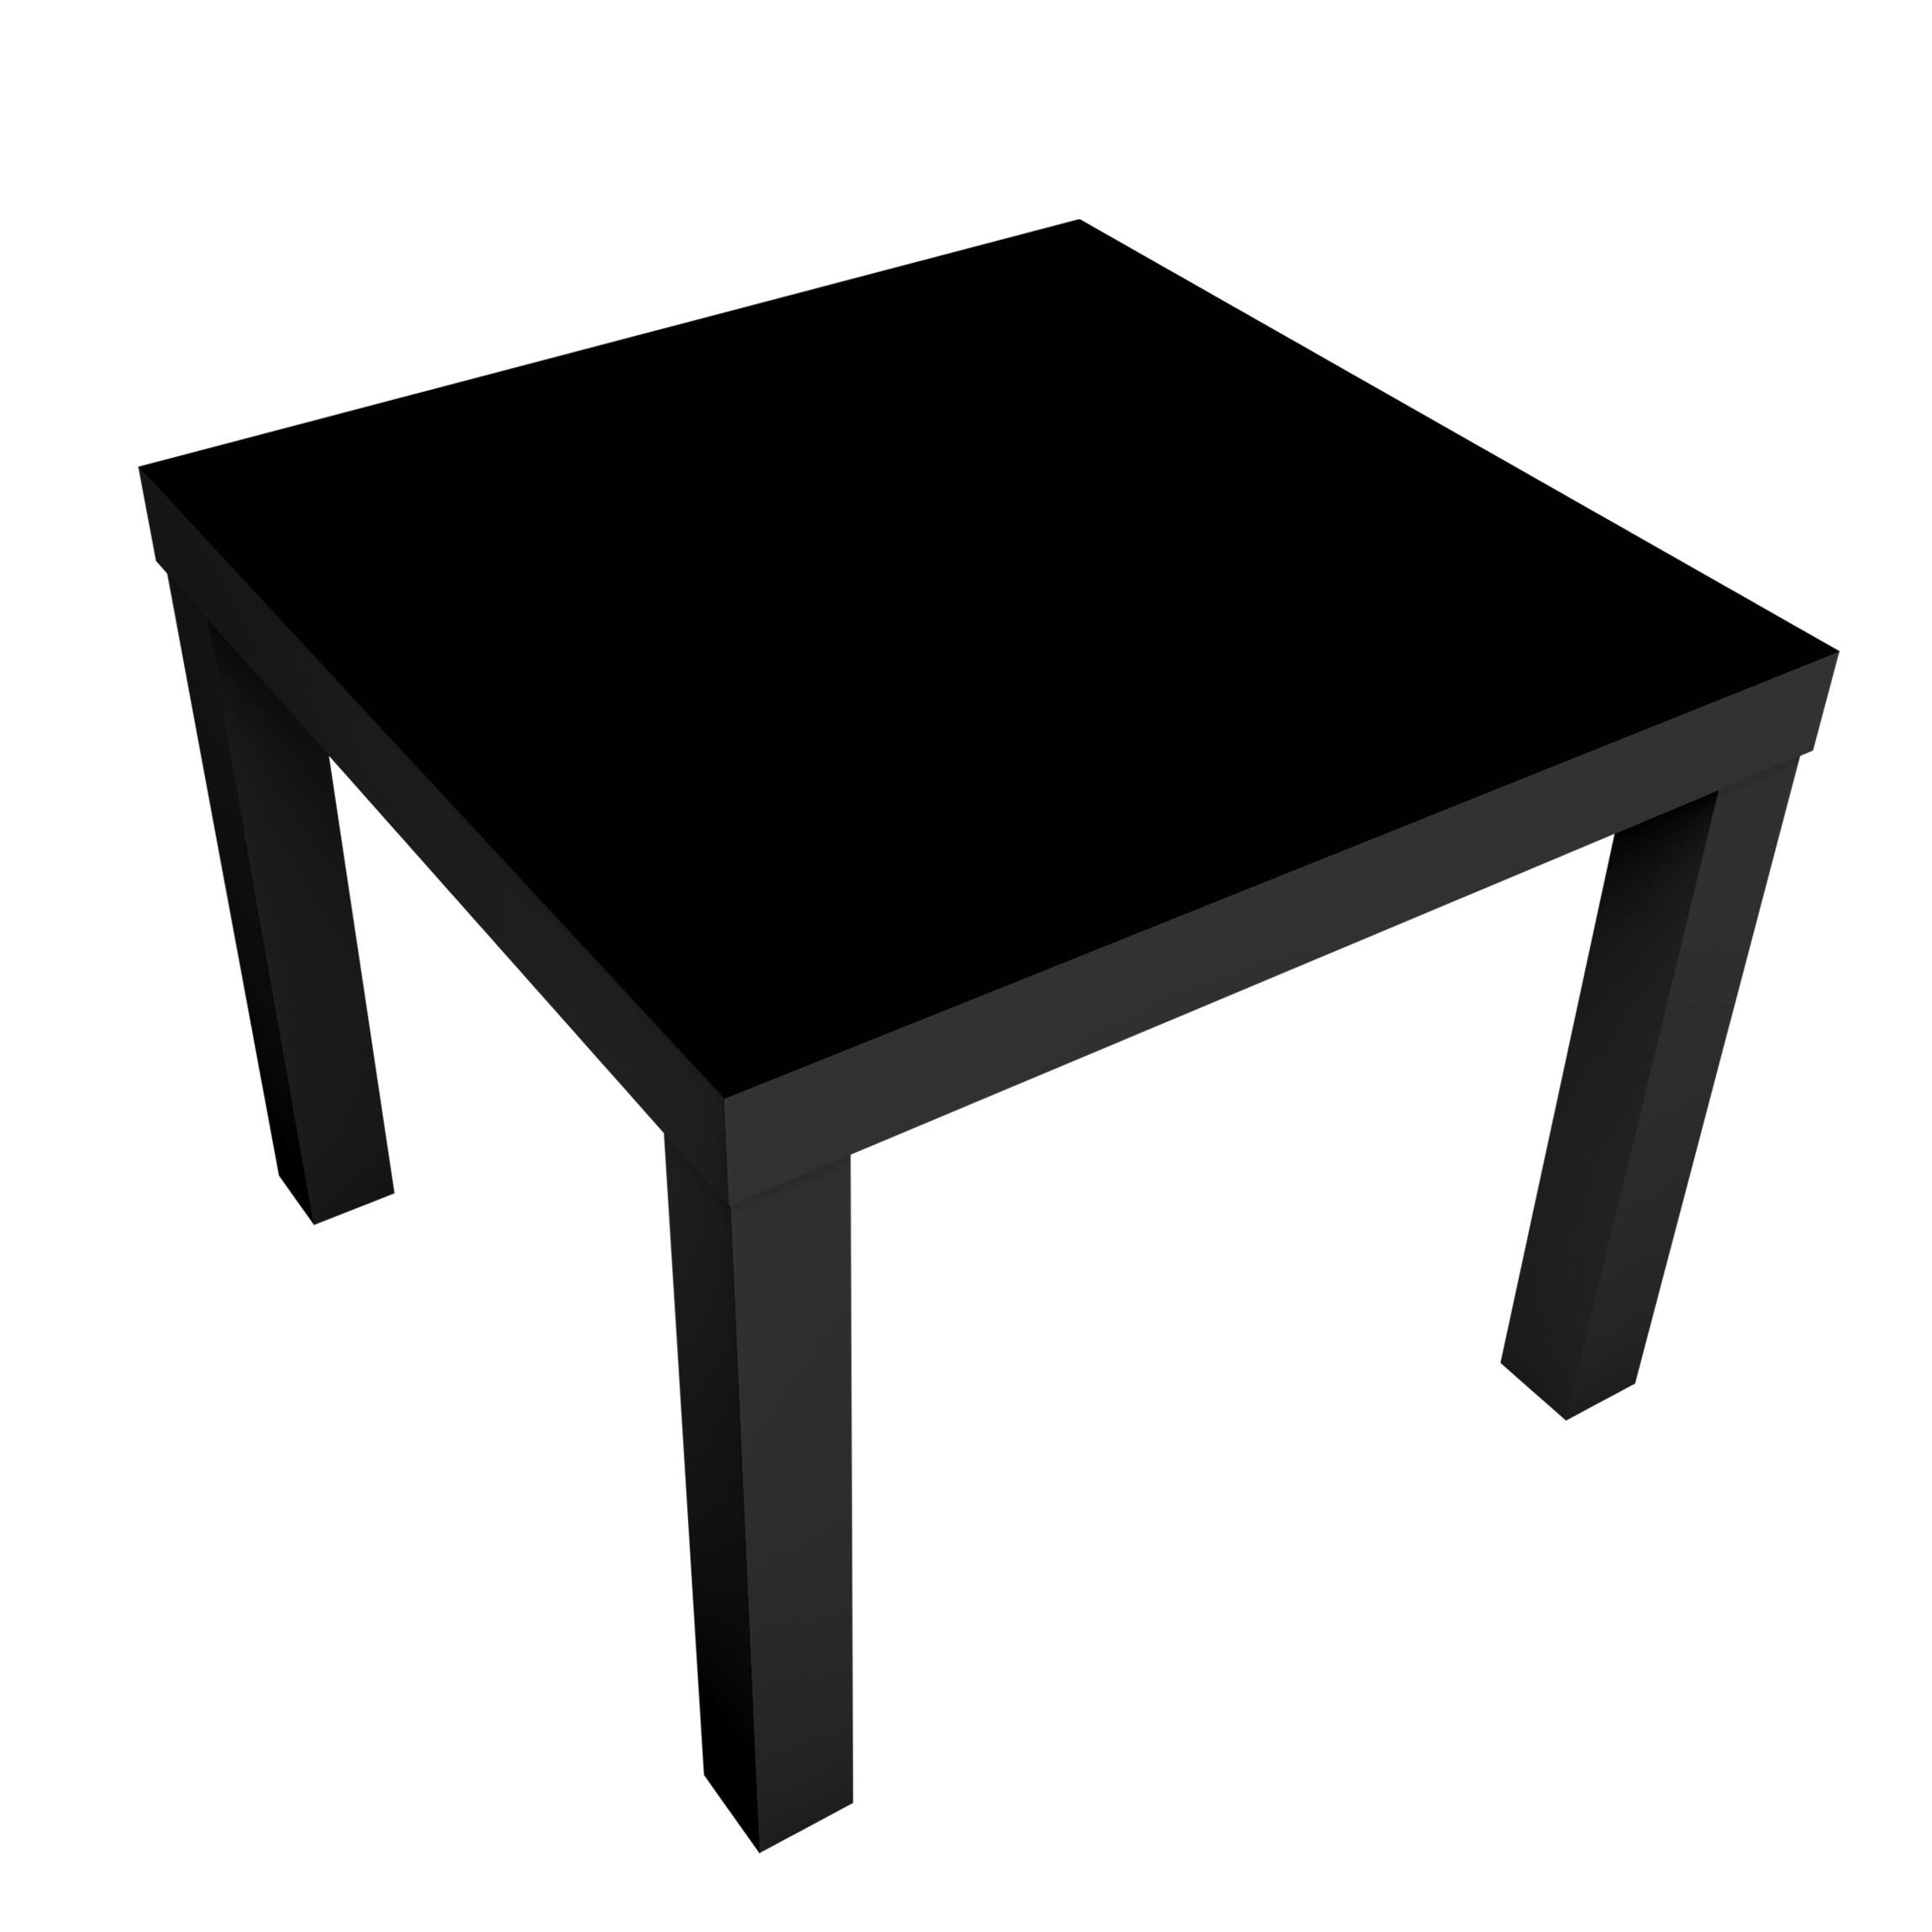 Carta adesiva per mobili ikea lack tavolino colour black - Carta per coprire mobili ...